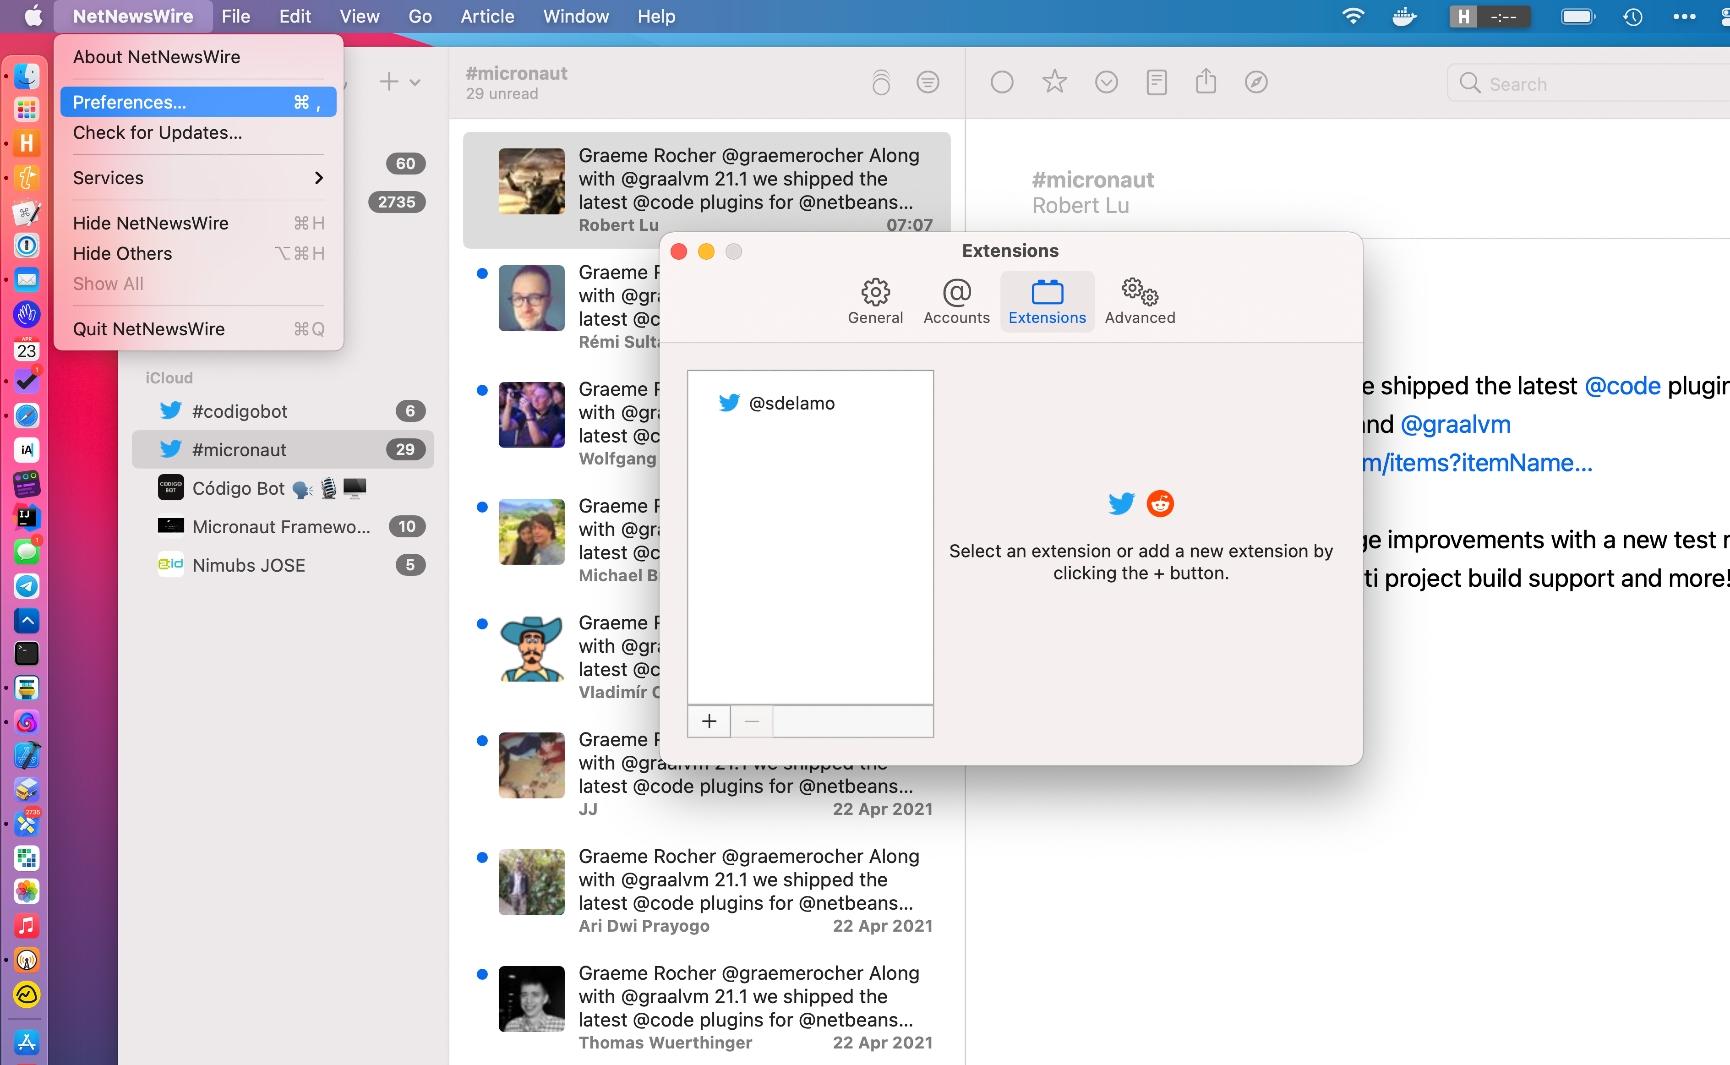 NetNewsWire Twitter Extension